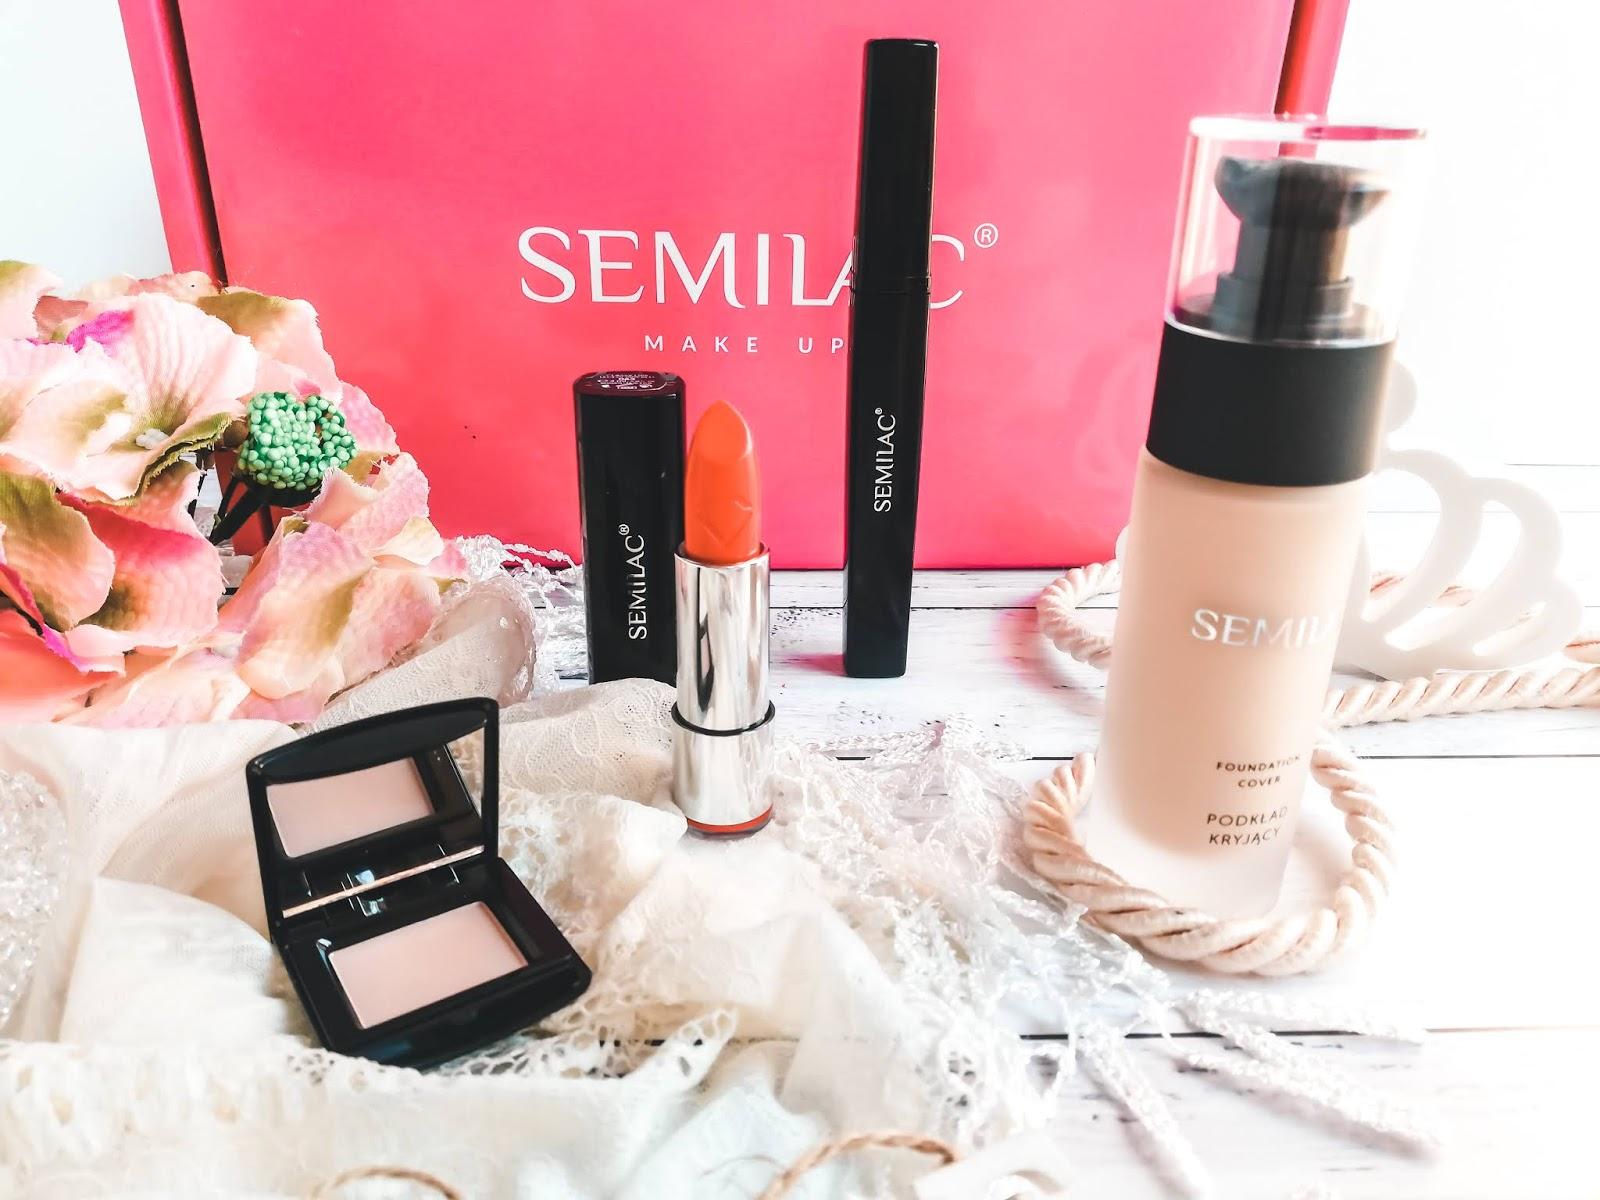 Kosmetyki do makijażu Semilac | Ambasadorka Streetcom |  #SemilacMakeUp #DługotrwałyEfekt #NajpiękniejszeKolory